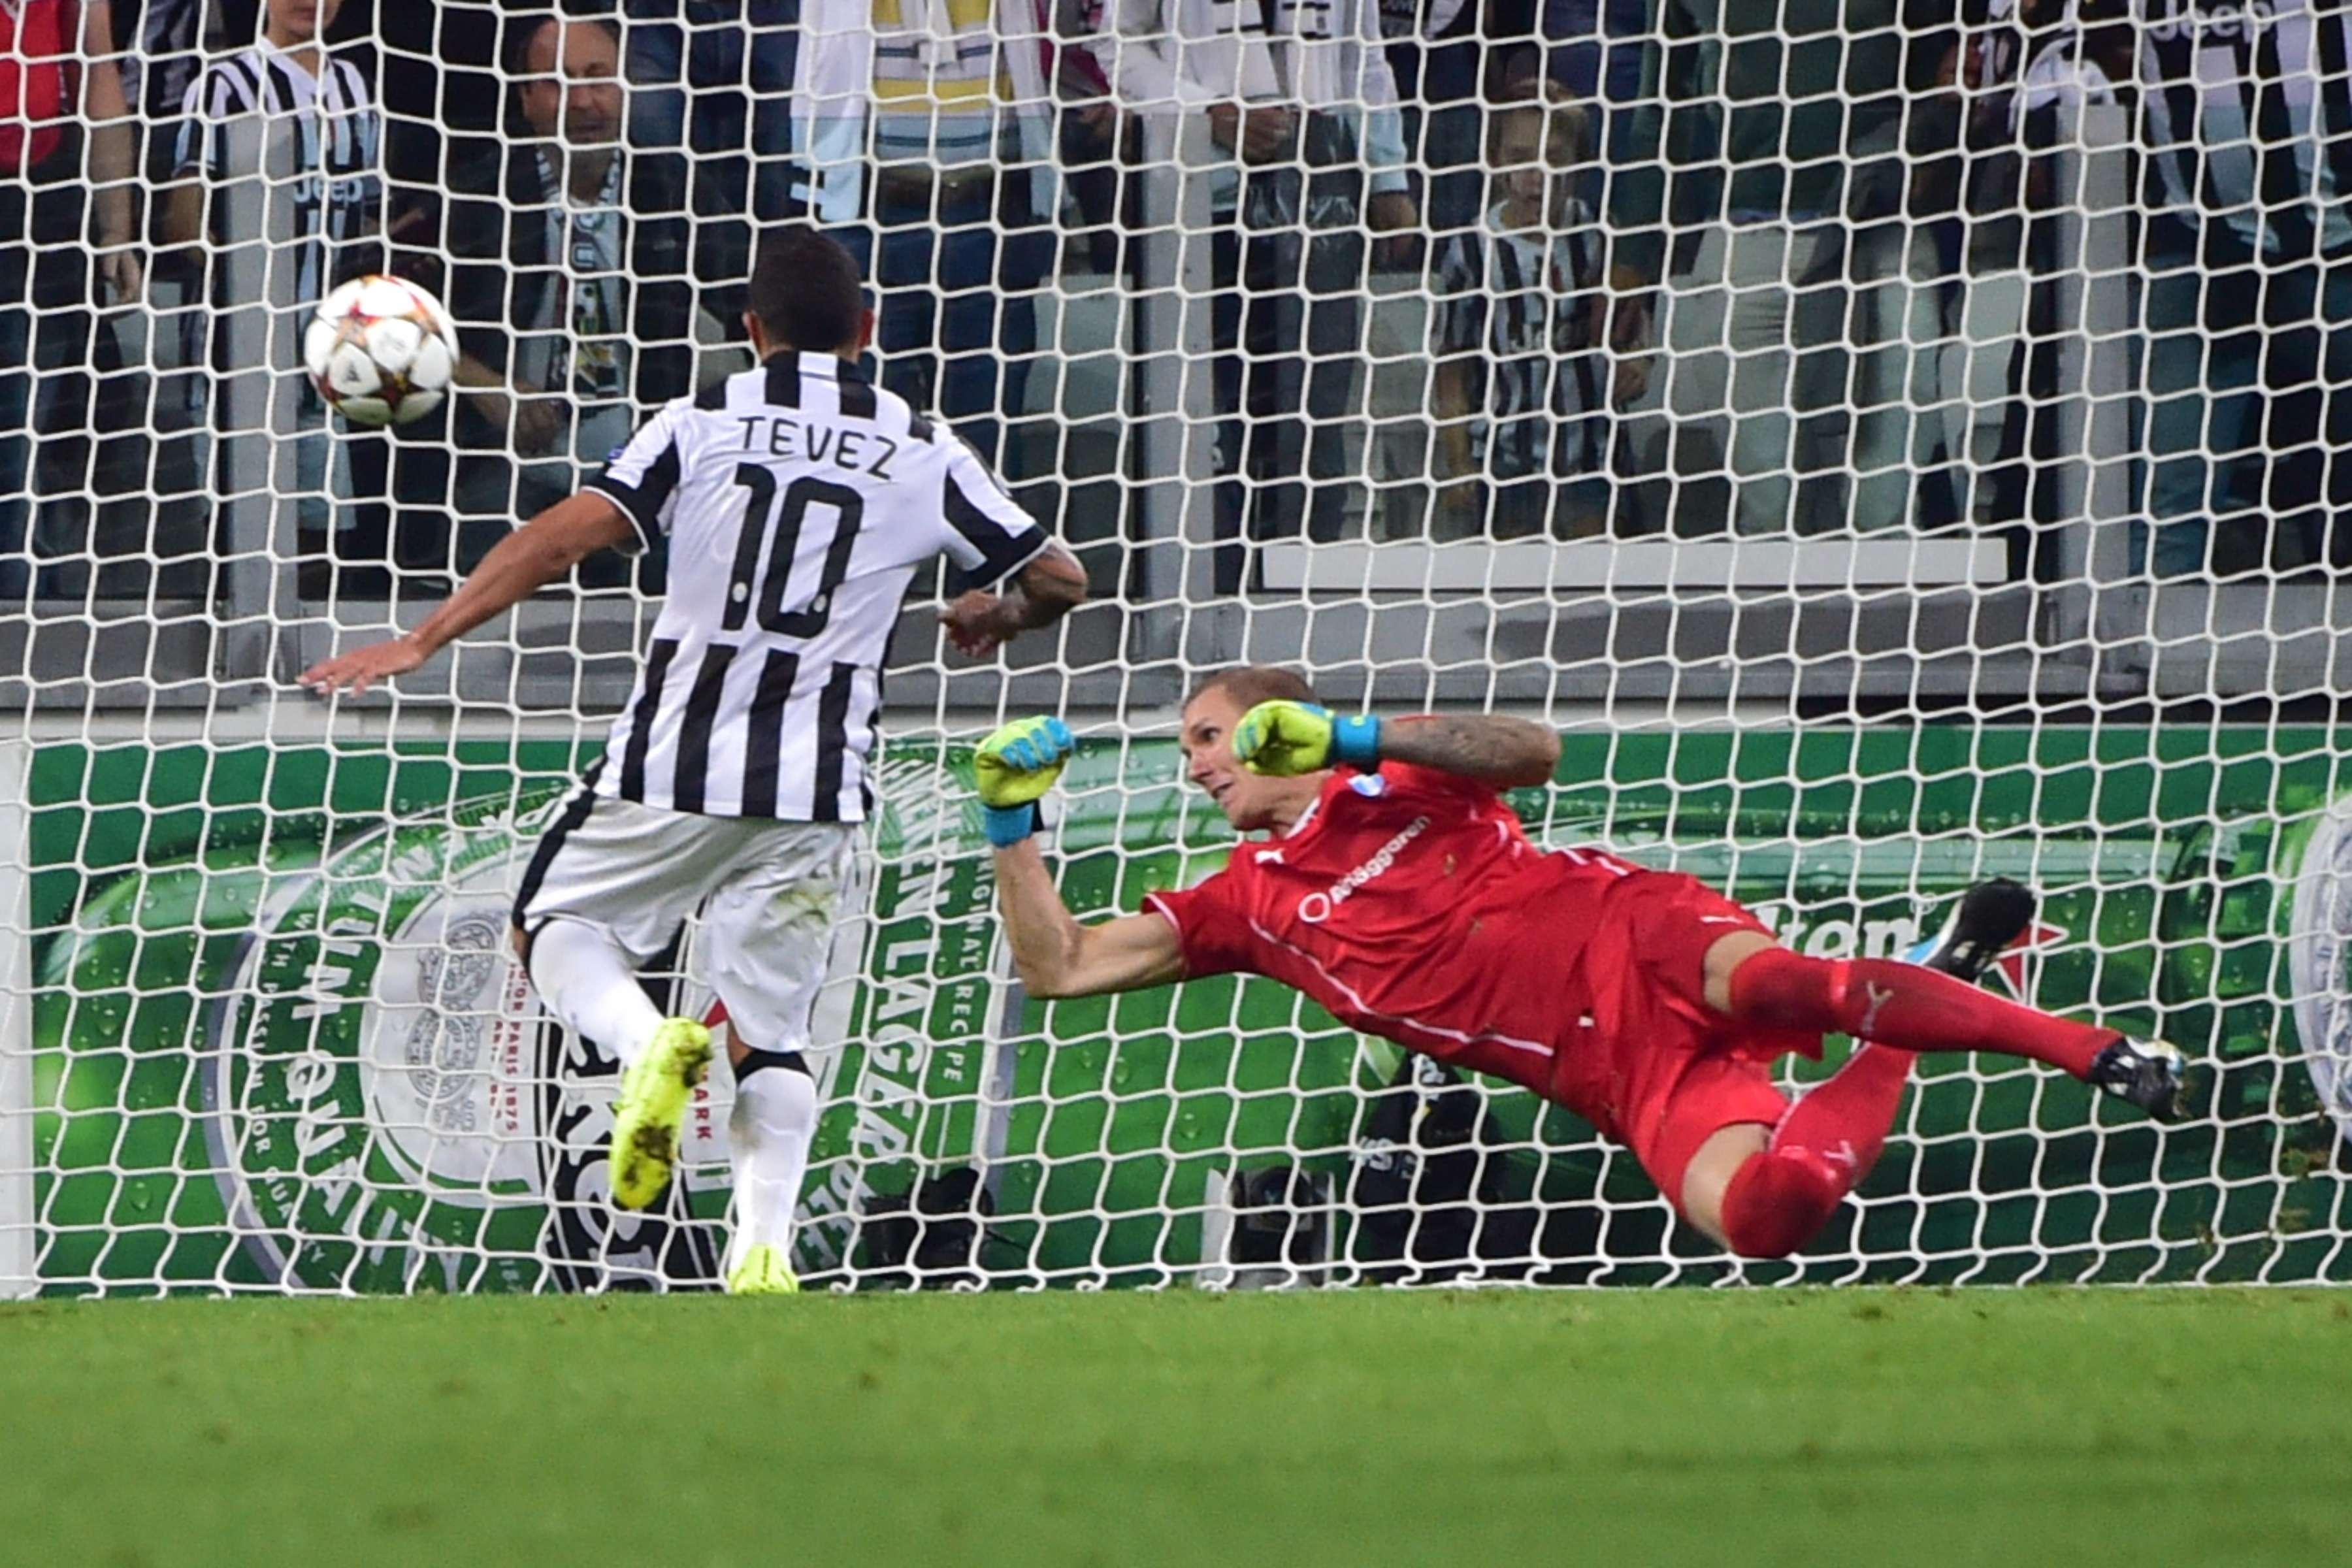 Autor de dois gols, Carlos Tevez comandou a vitória da Juventus Foto: Giuseppe Cacace/AFP